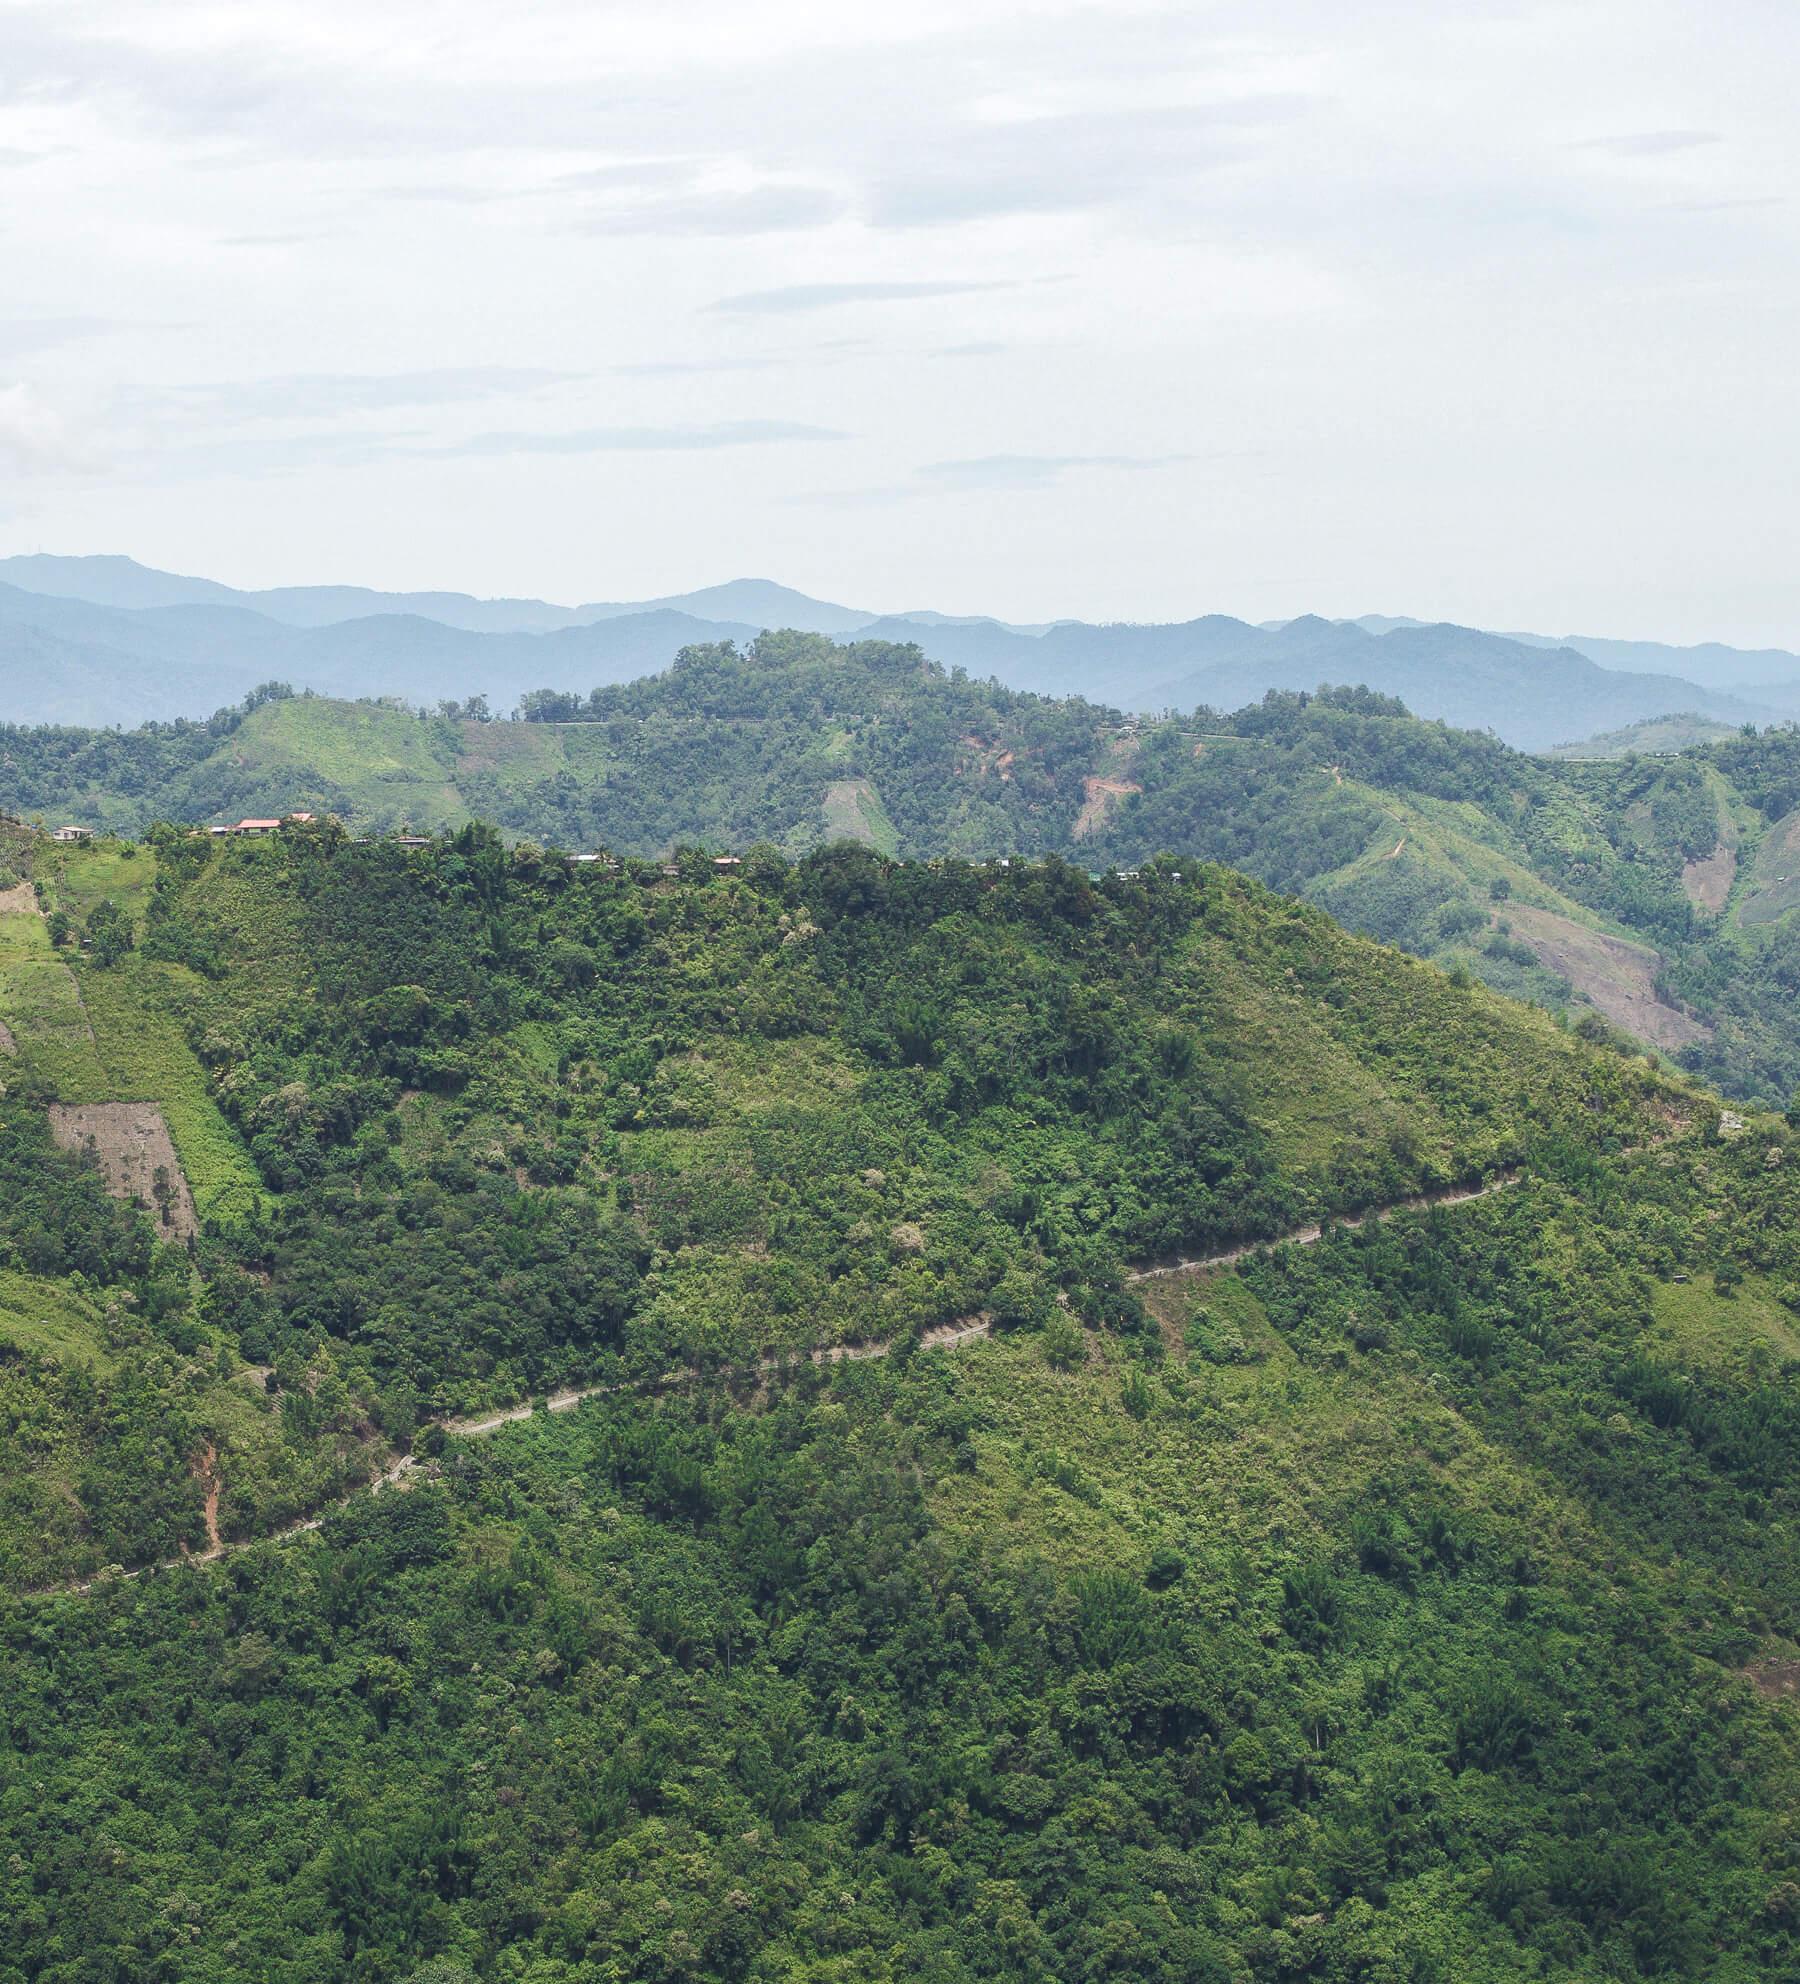 Luscious rolling hills in Borneo near Mount Kinabalu